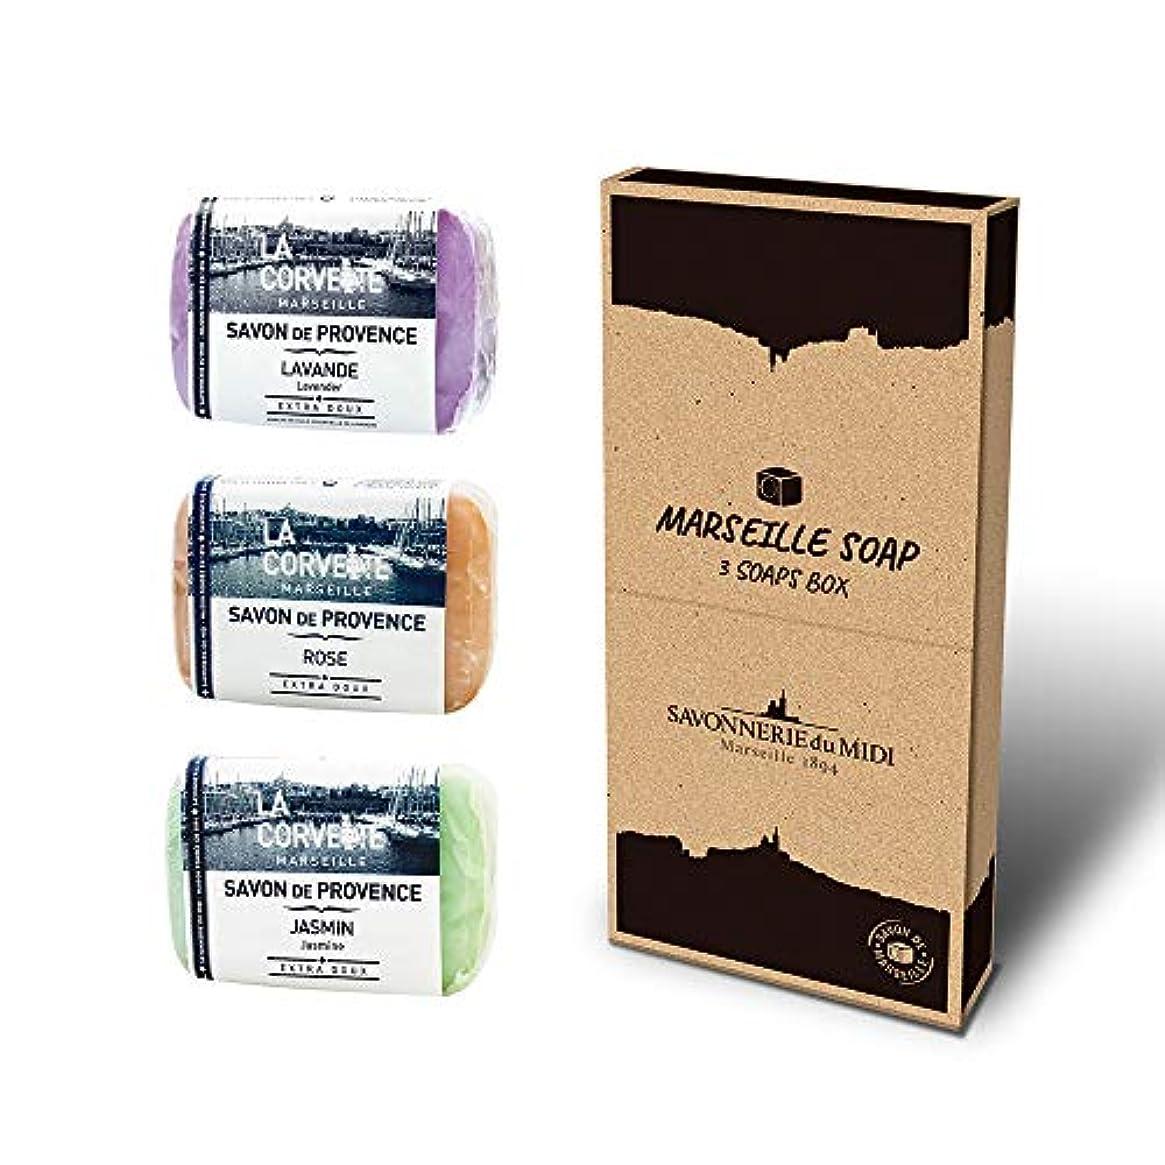 答え葉を拾う繊維マルセイユソープ 3Soaps BOX フローラル